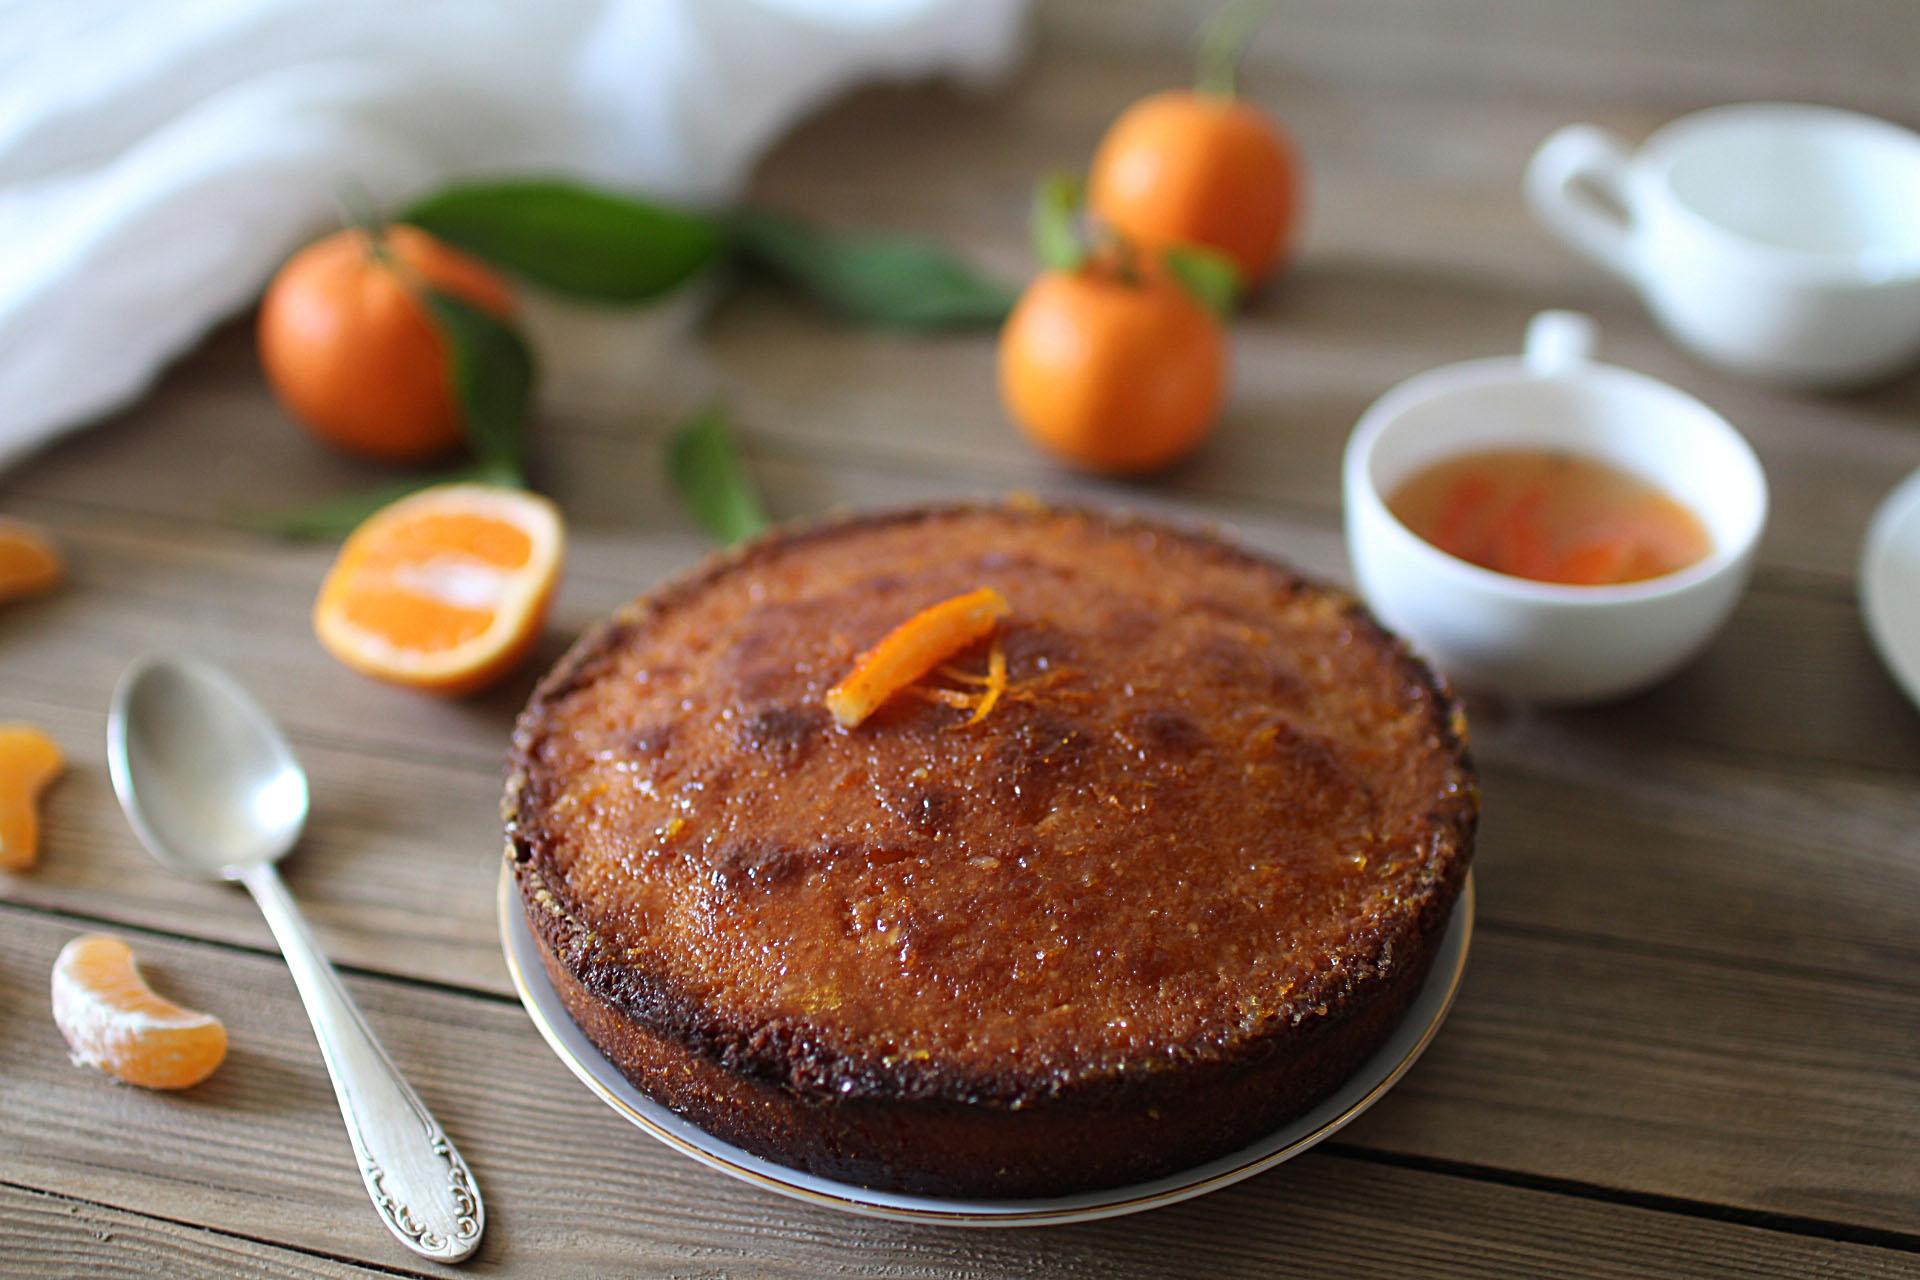 recette-gateau-clementines-amandes-yotam-ottolenghi